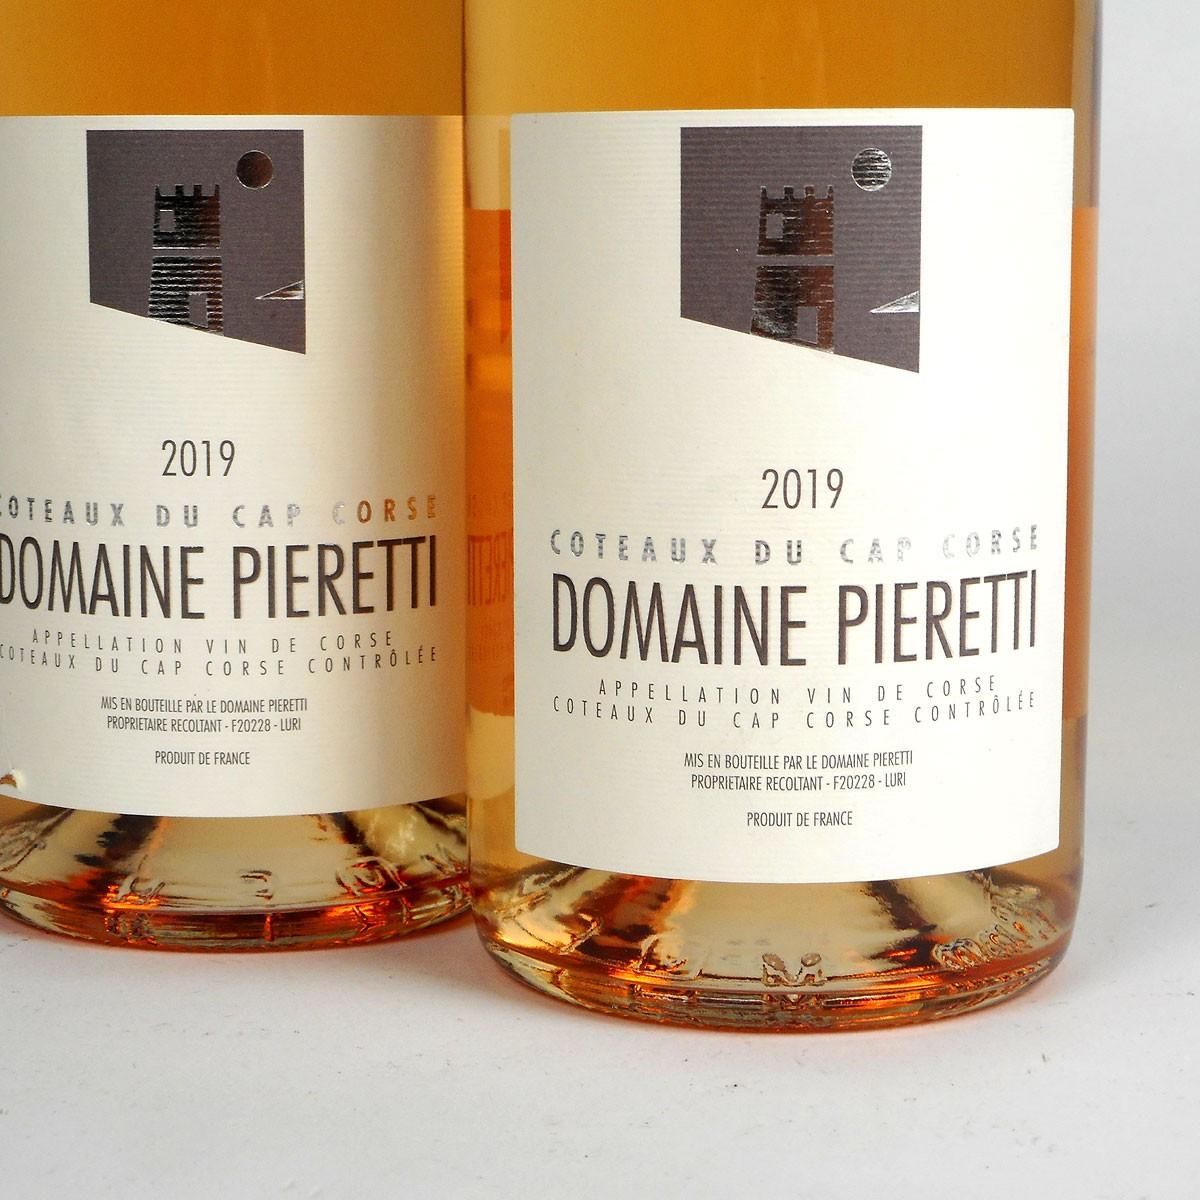 Coteaux du Cap Corse: Domaine Pieretti Rosé 2019